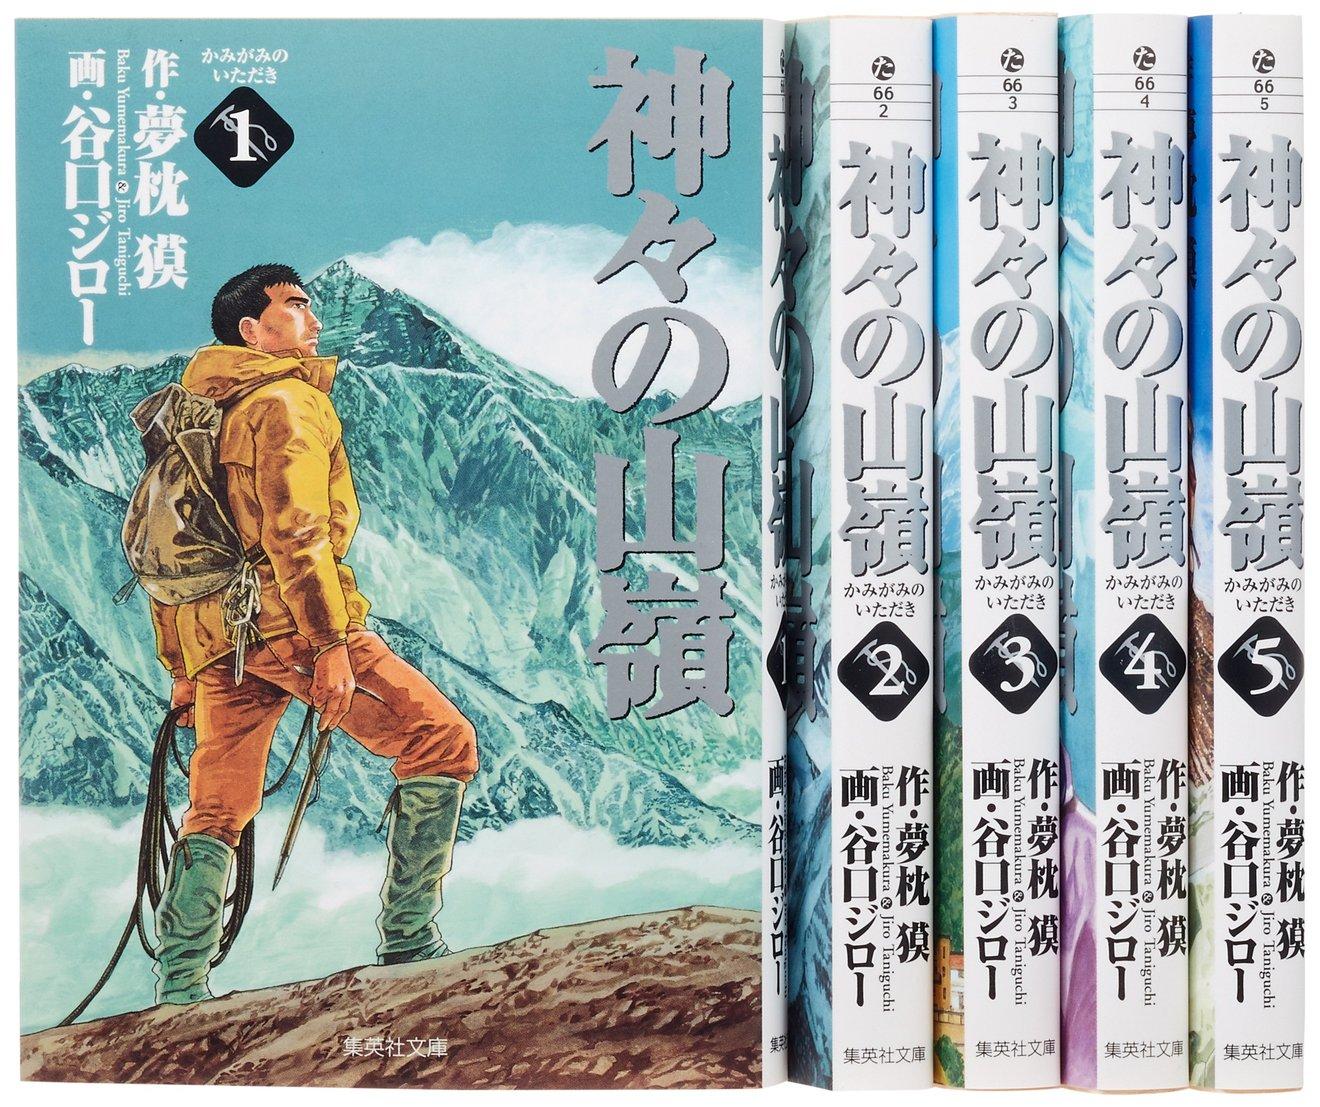 谷口ジローおすすめ漫画ランキングベスト5!『孤独のグルメ』だけじゃない!